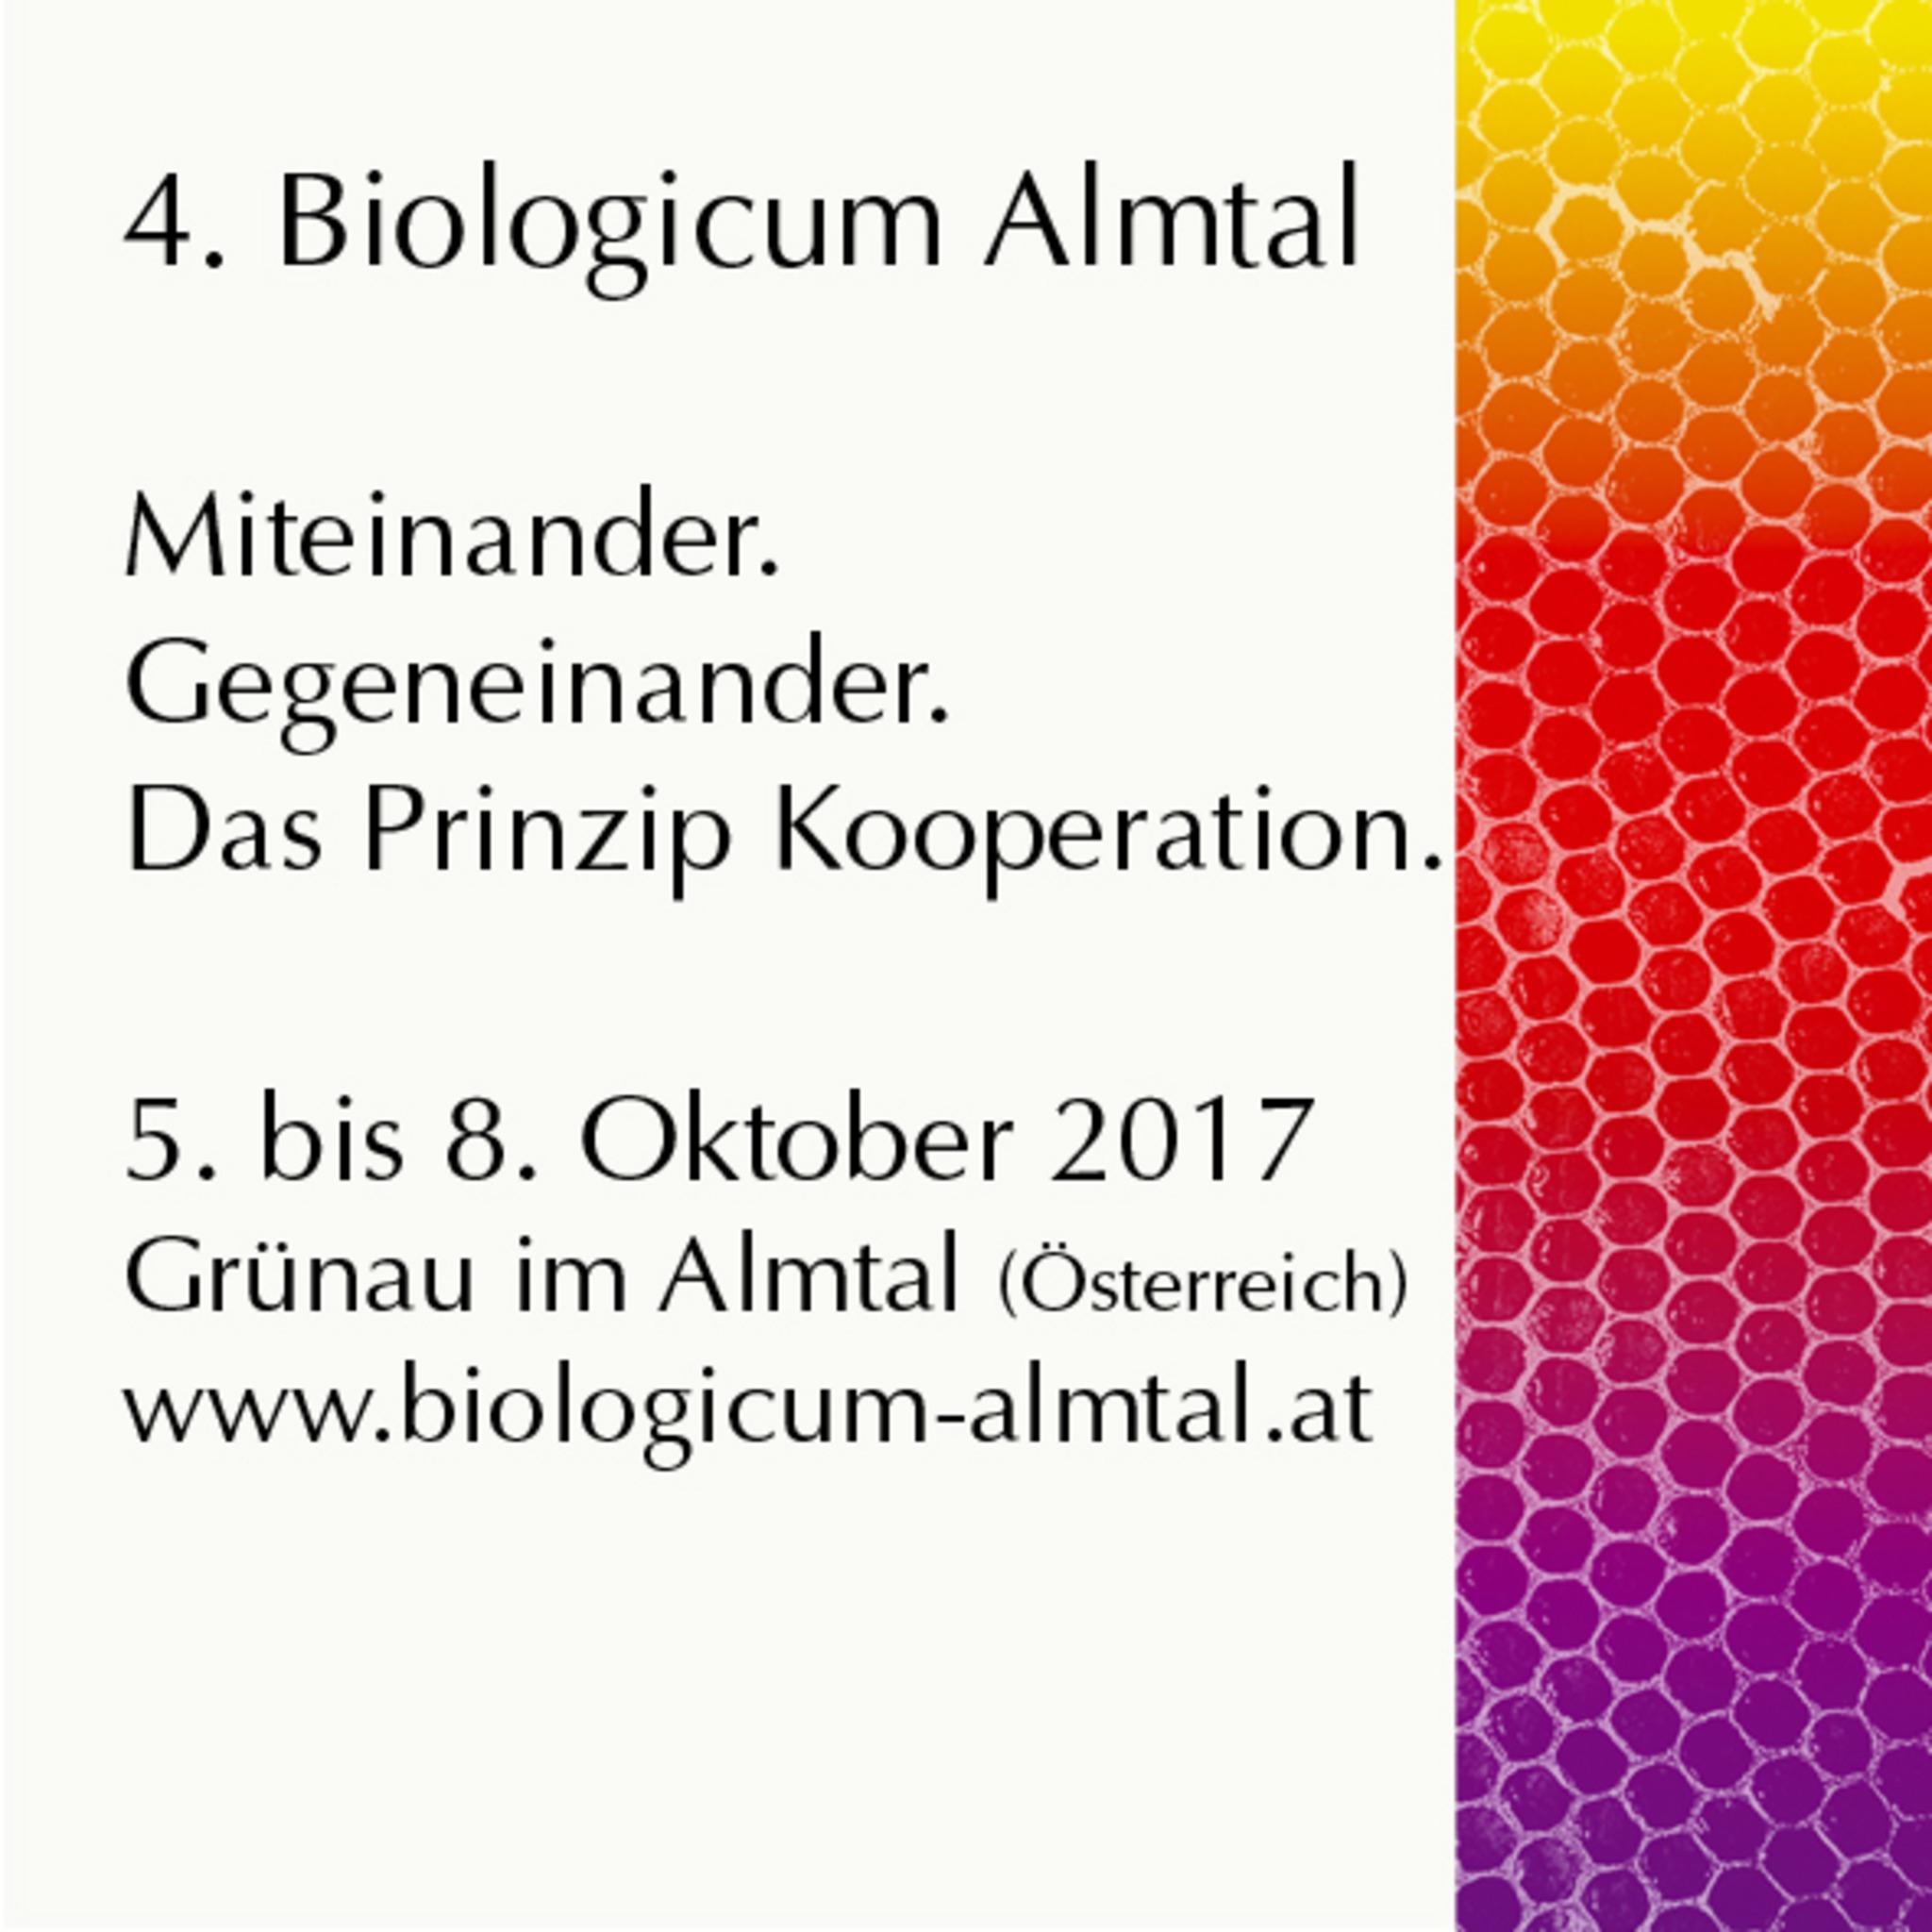 5. Internationales Cinquecento Treffen in Vorchdorf im Almtal